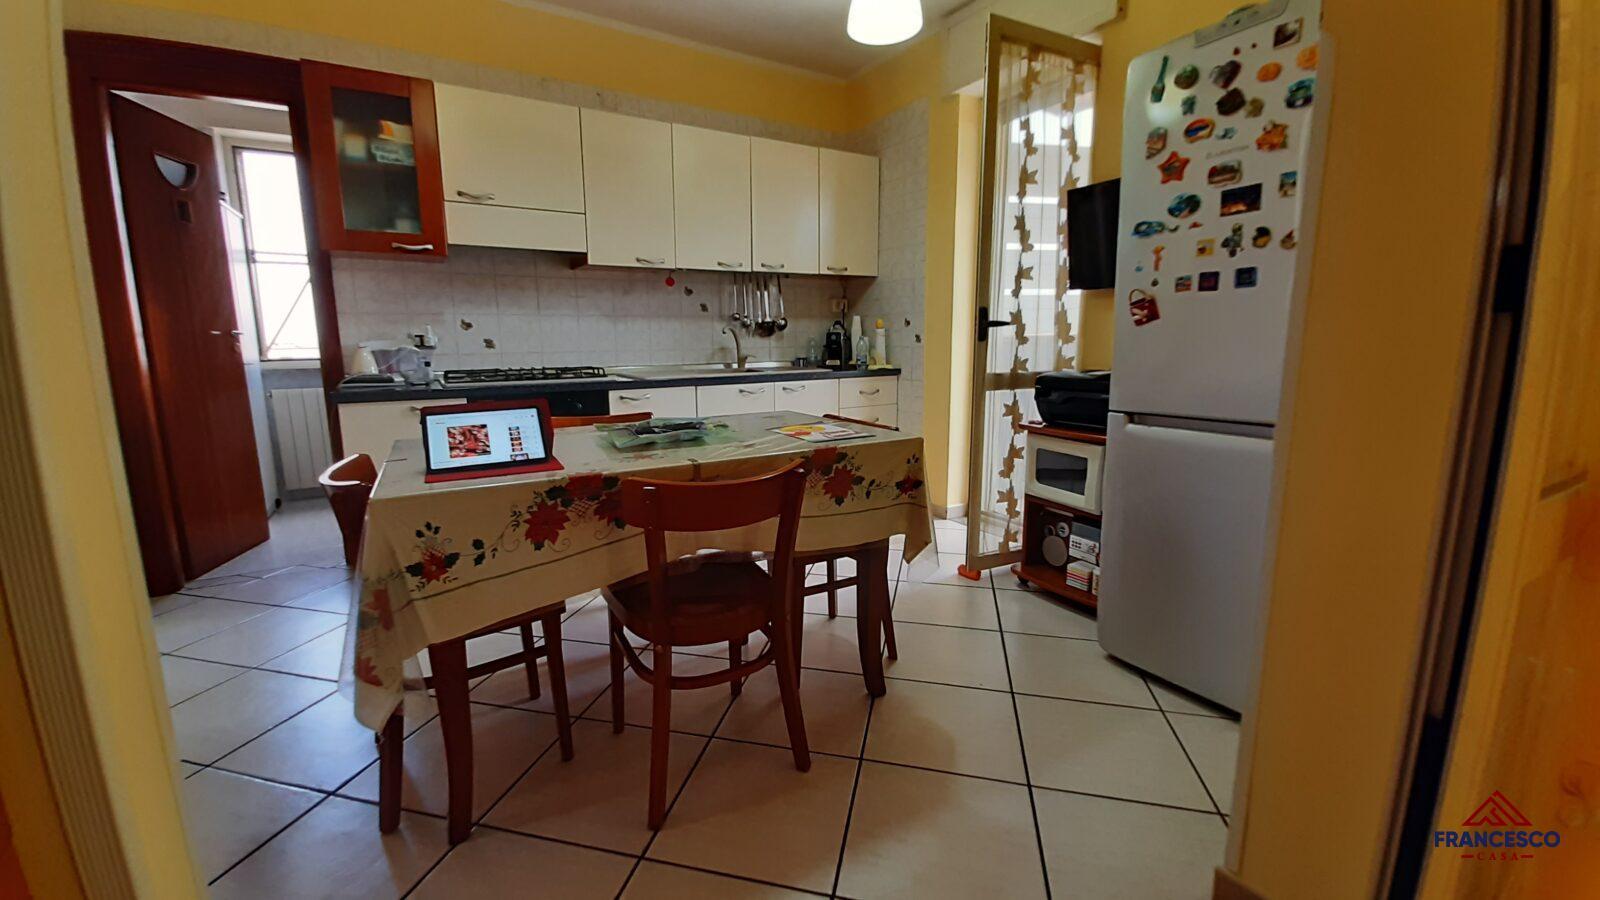 Appartamento arredato in affitto ad Angri via Madonna delle Grazie